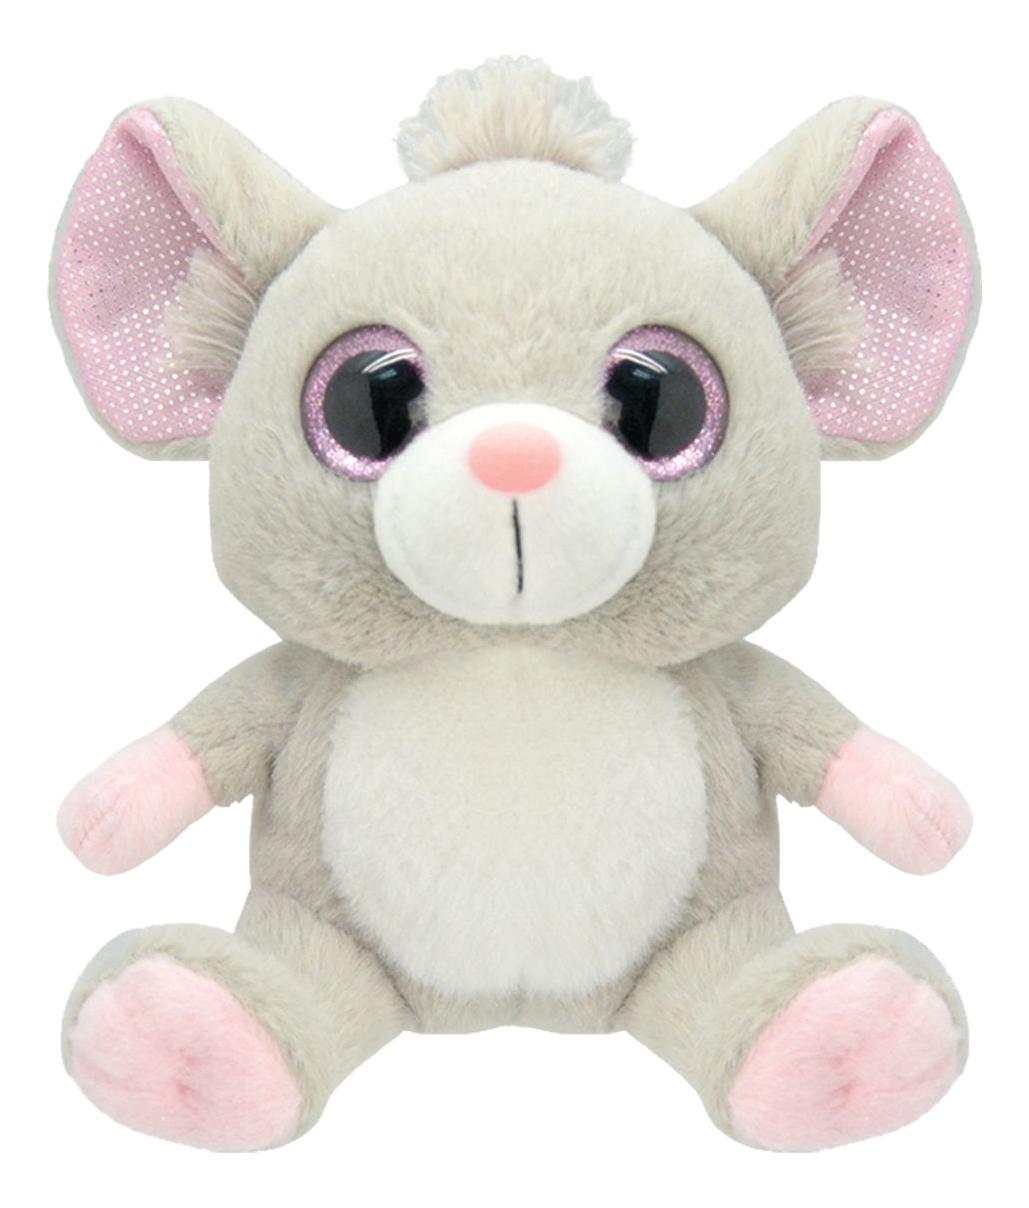 Купить Мягкая игрушка Wild Planet Мышка 19 см серый k7863, Мягкие игрушки животные